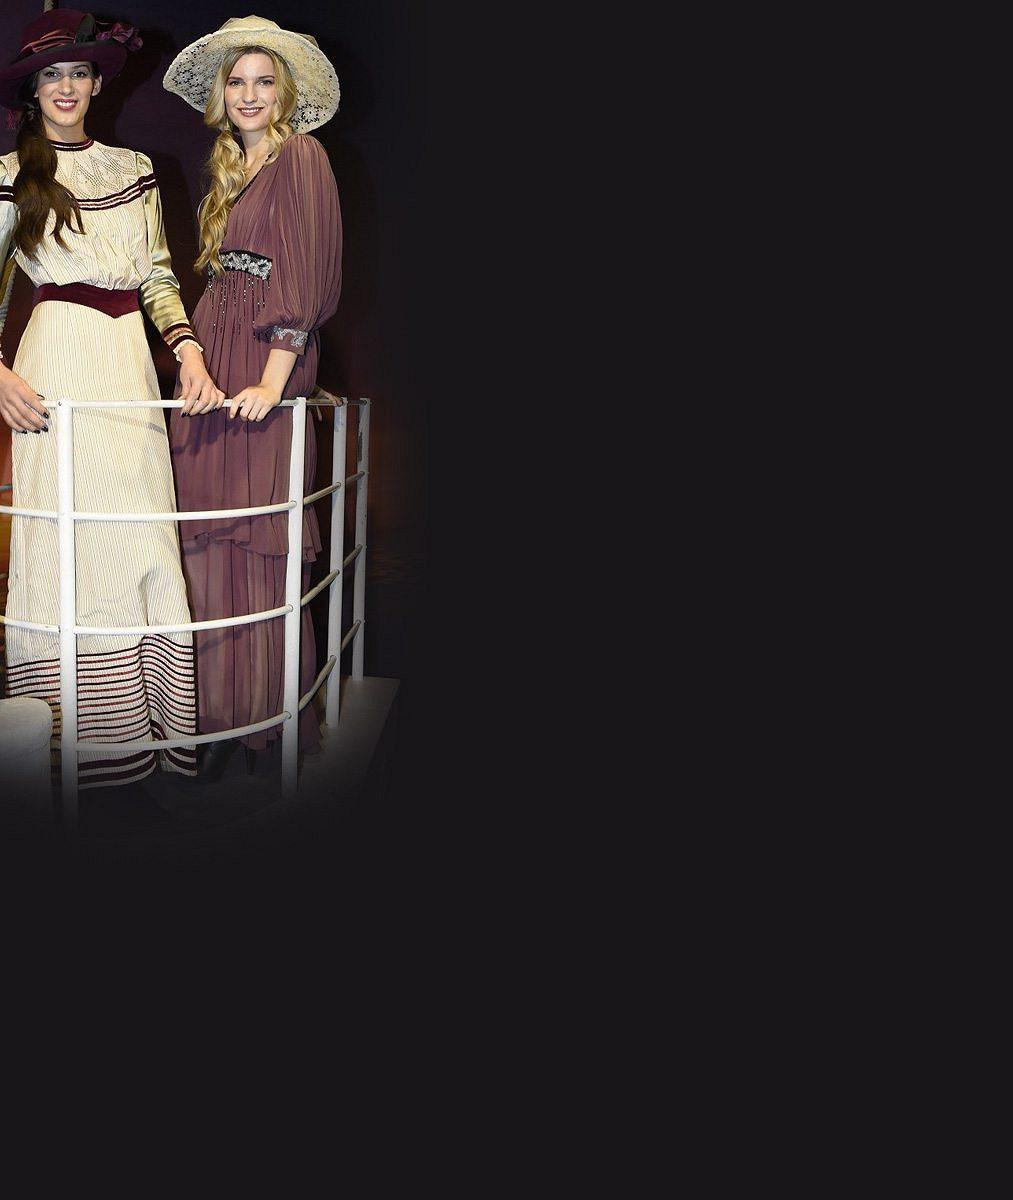 Tyhle dvě modelky by přežily zkázu Titaniku: V dobových modelech jim to seklo, ale bojí se lodí tak, že by ani nenastoupily